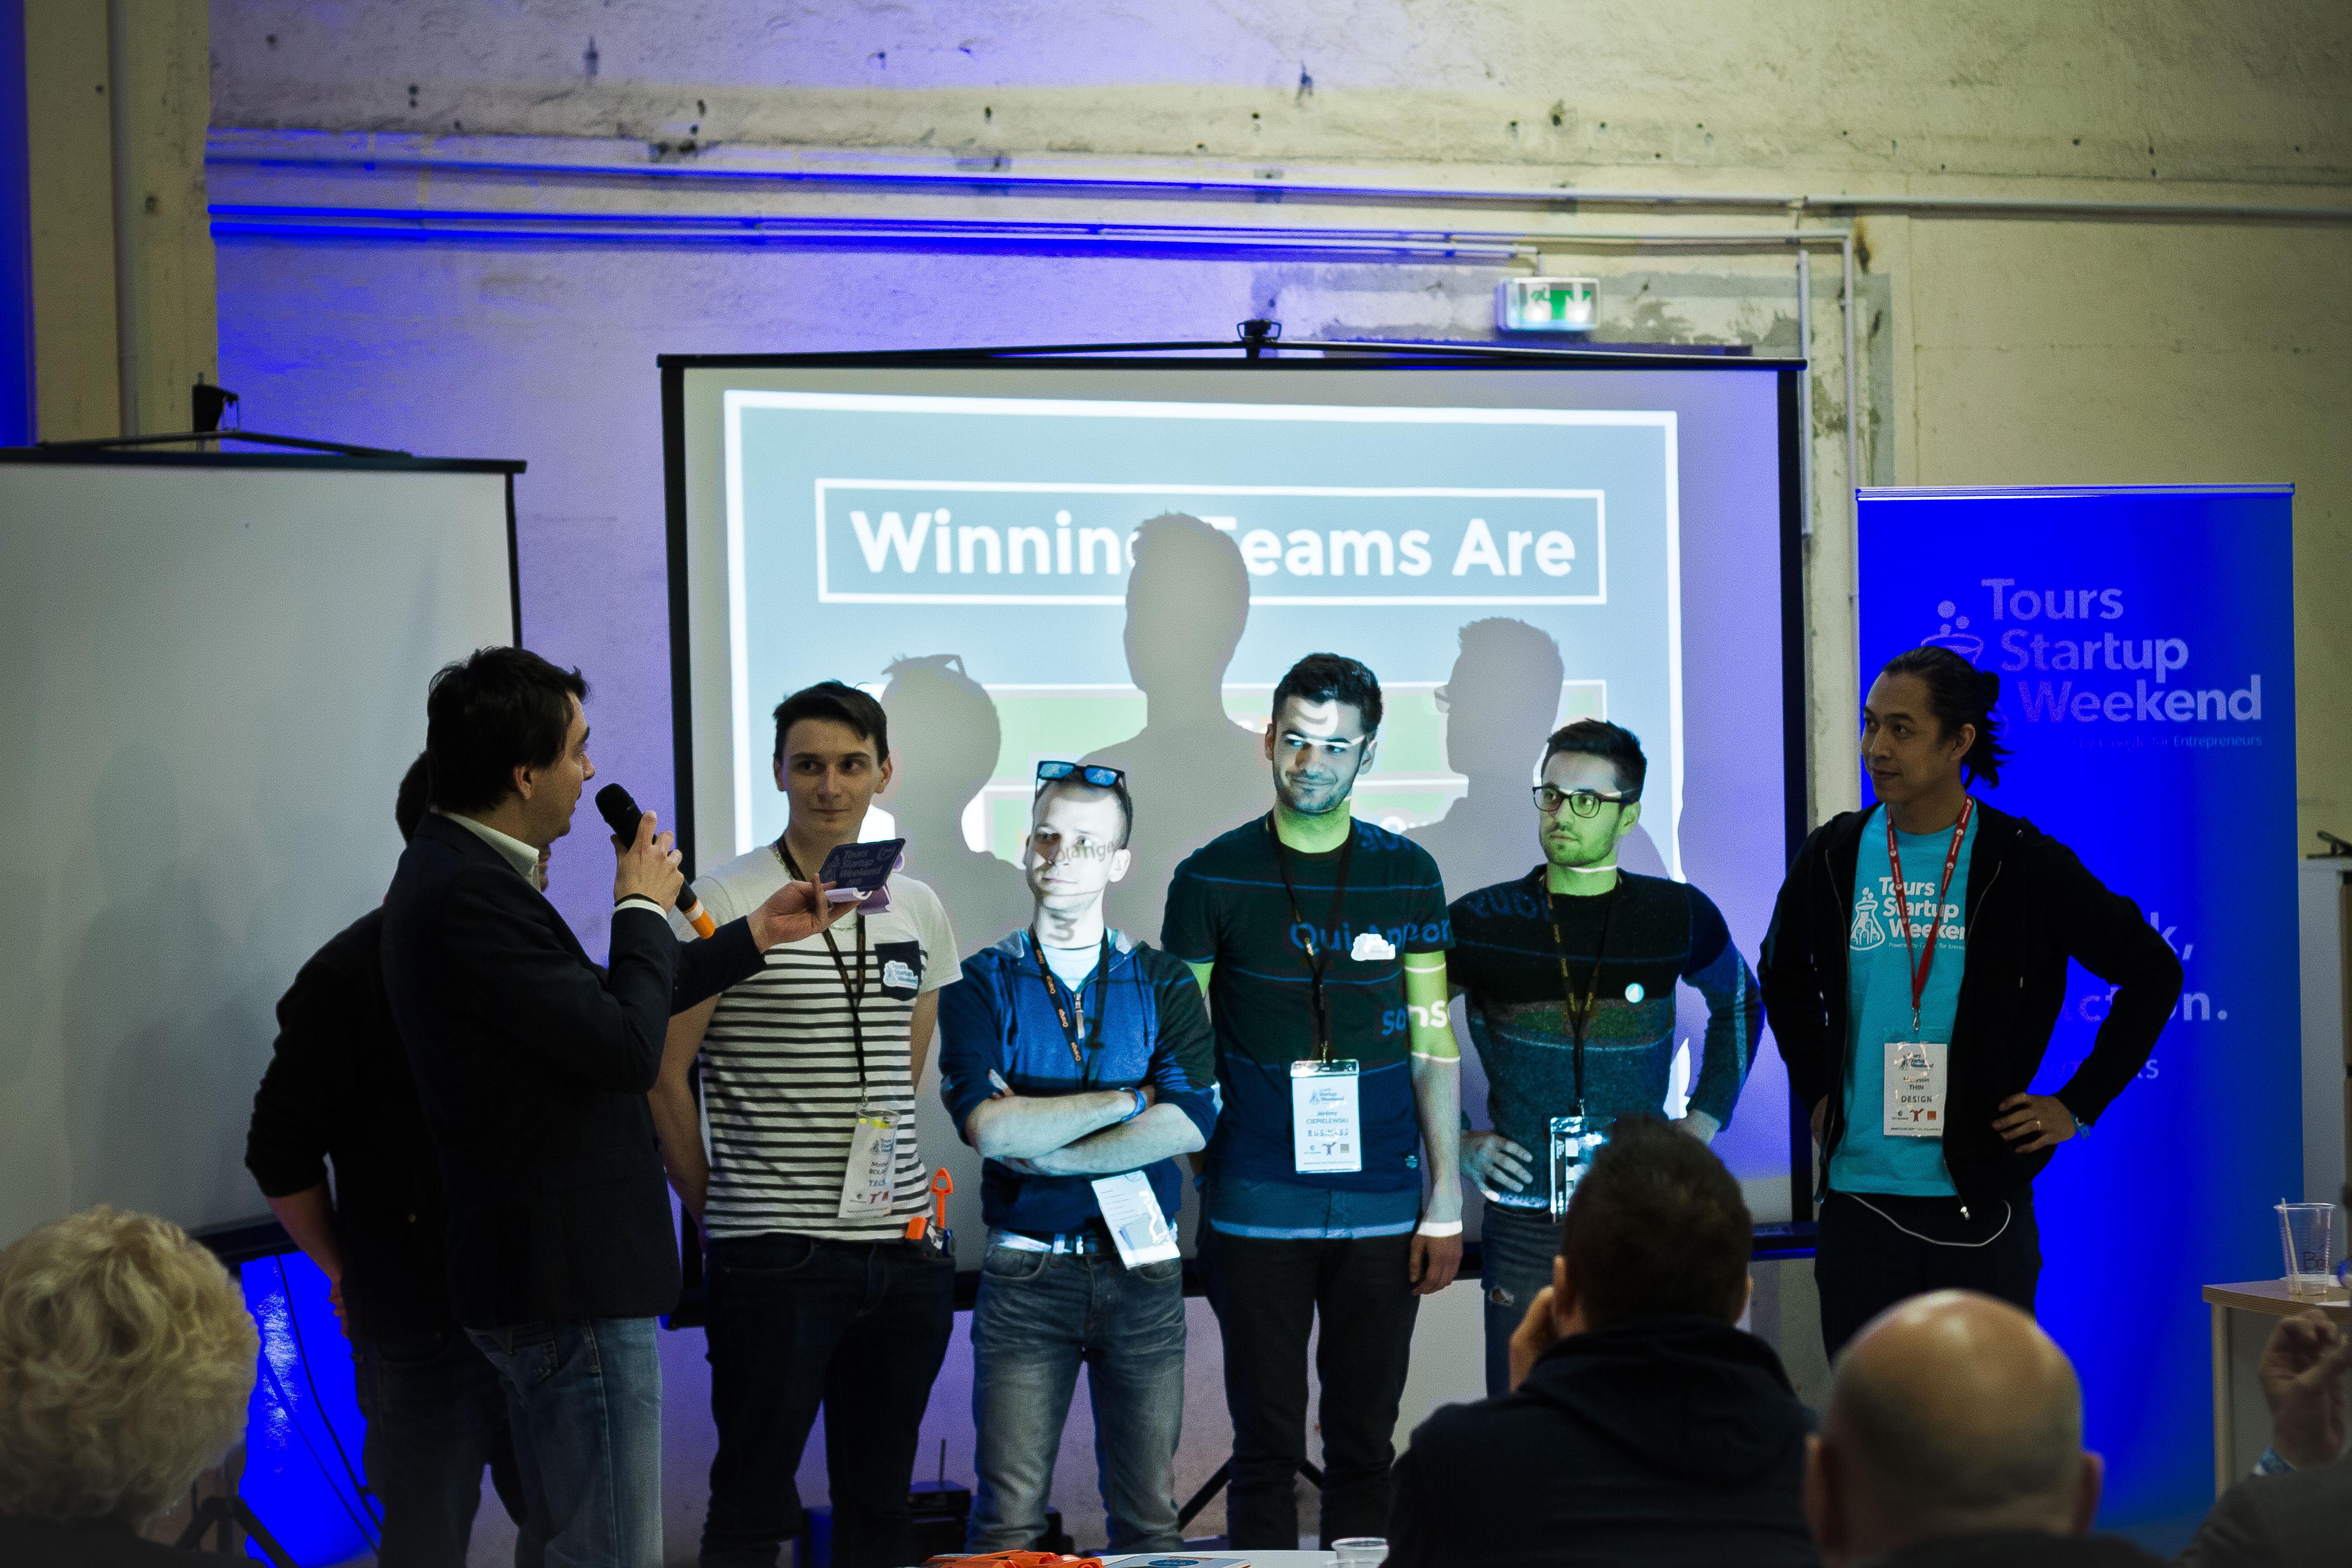 Equipe Sonson lors de l'annonce des gagnants du SWTOURS